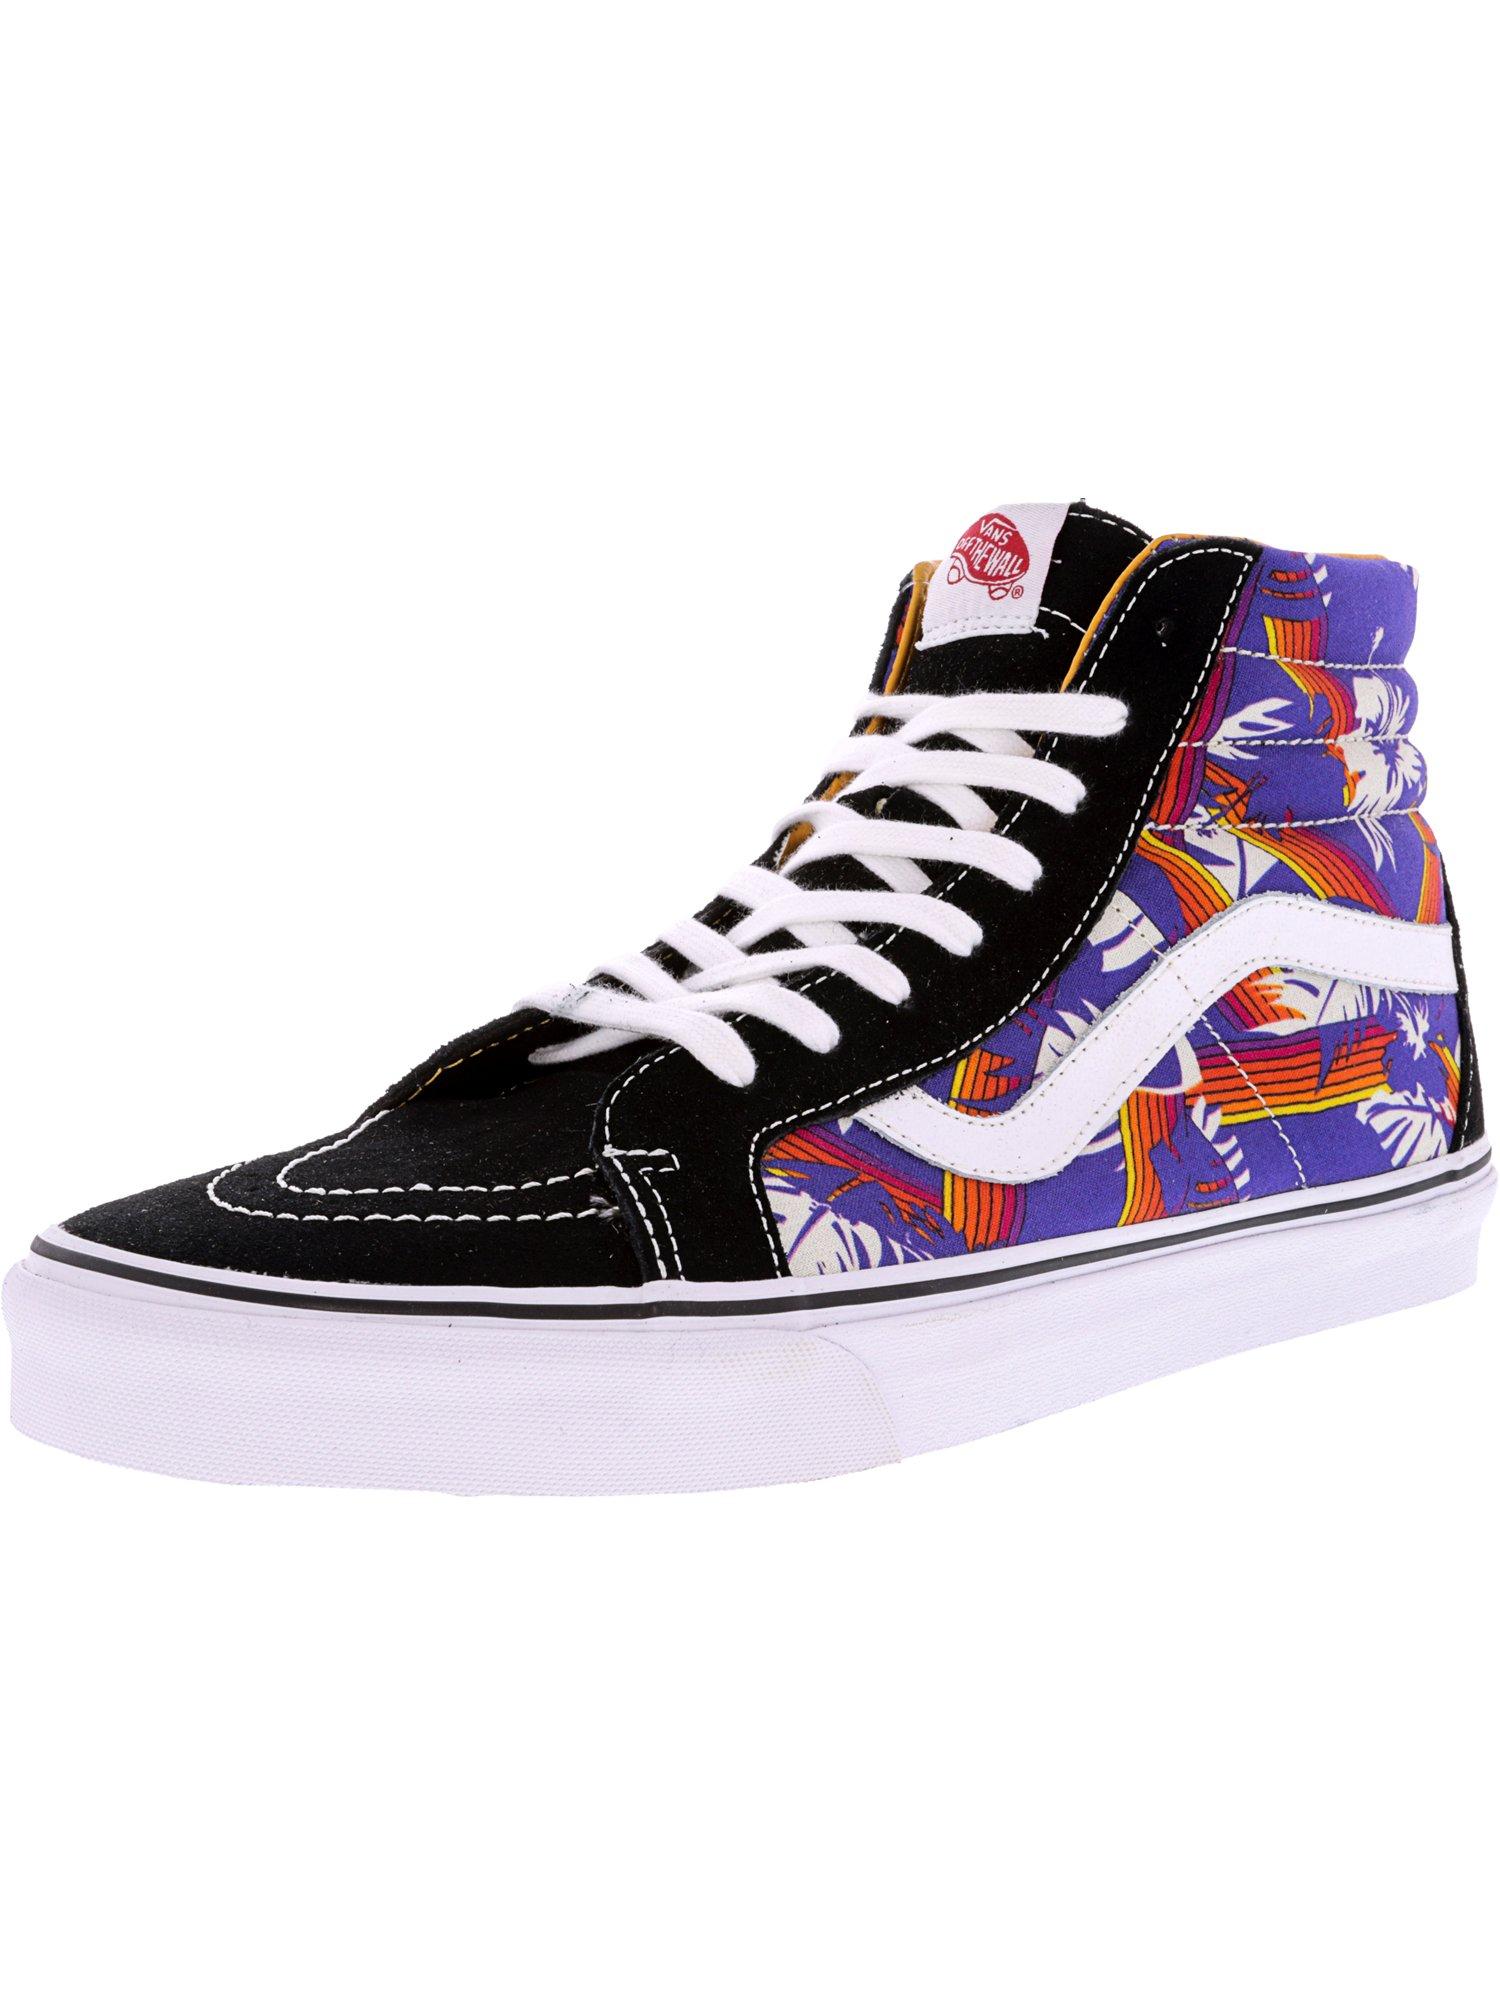 5fb31cecb2ed ... Vans Men s Sk8-Hi Reissue Van Ankle-High Doren Skull Snowflake   Black  Ankle ...